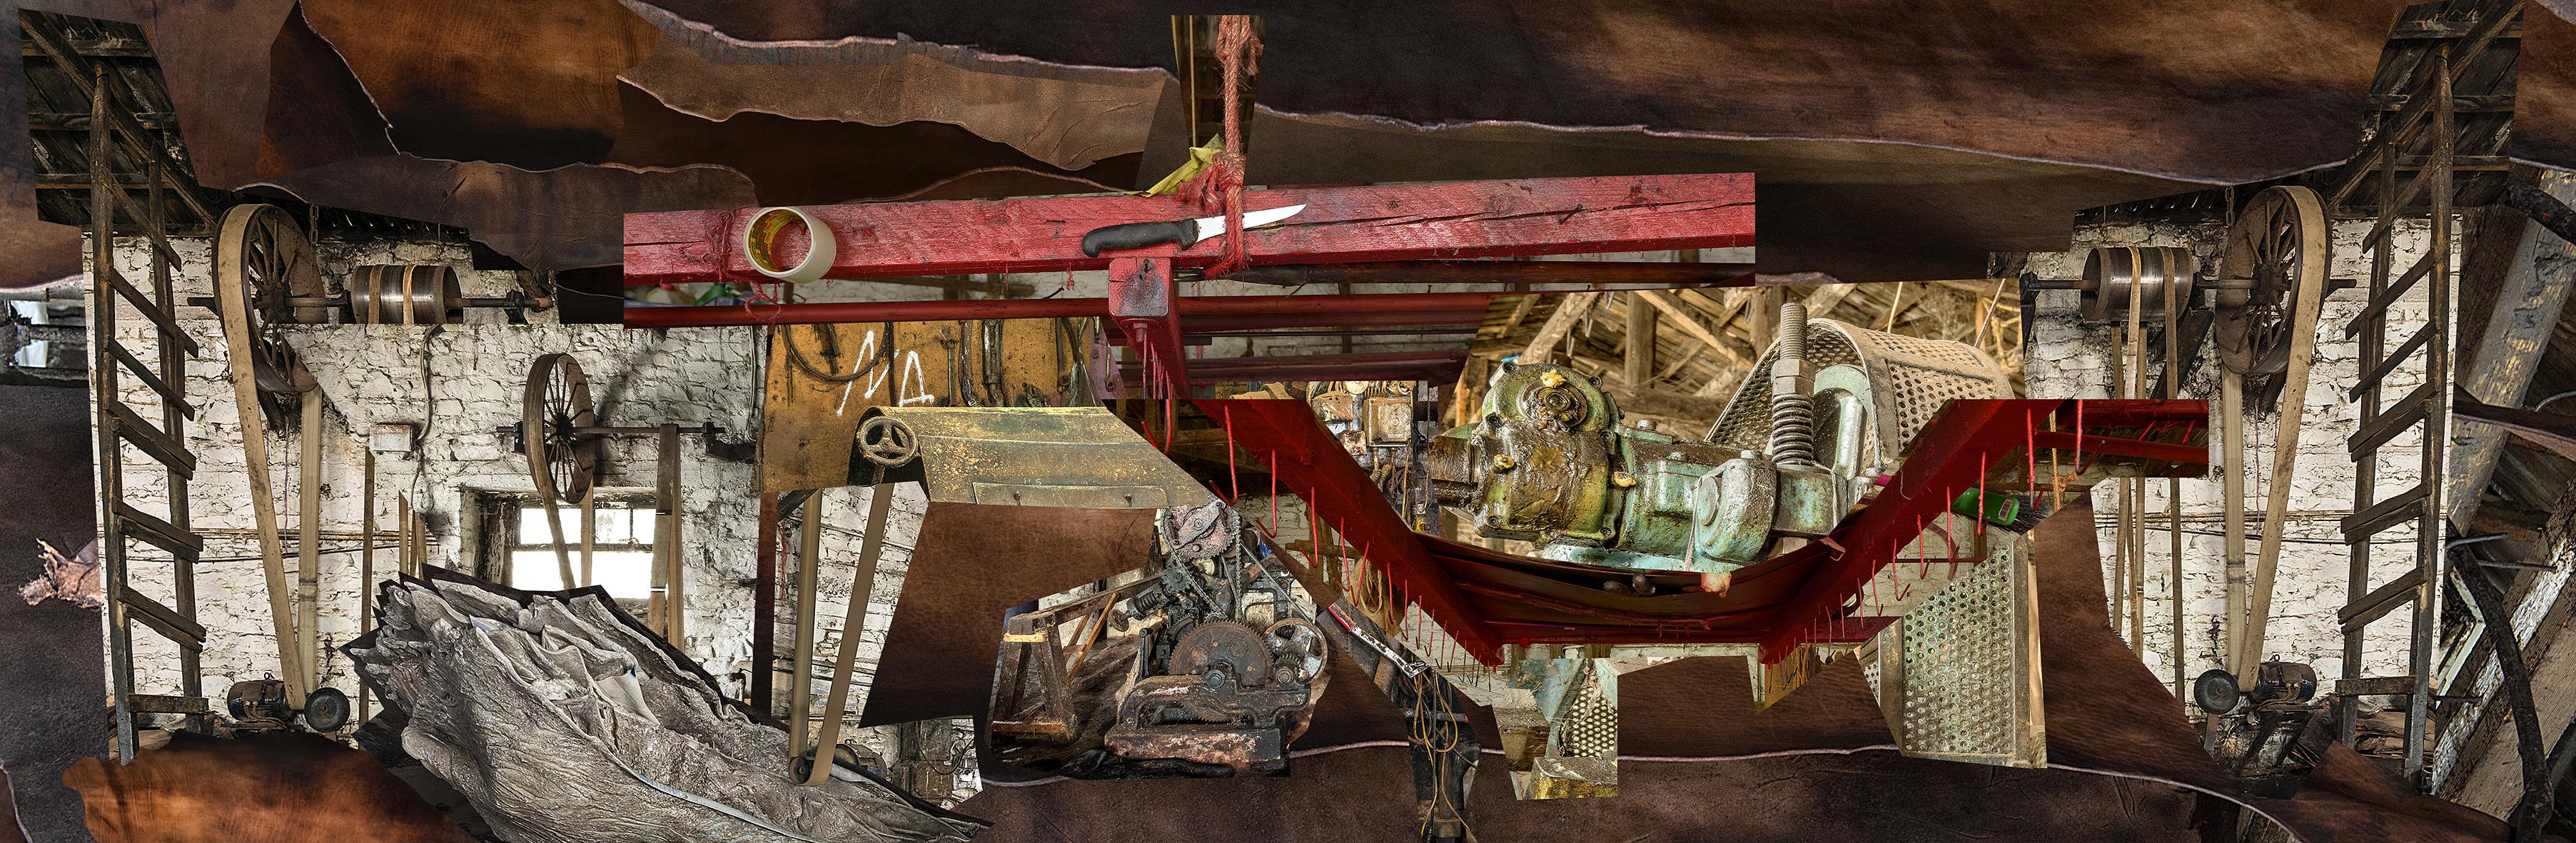 Μαρία Παπαδημητρίου, Αιώνα μου, Θεριό μου, 2016 Φωτομοντάζ 180 x 550 εκ. Ανάθεση του Onassis Cultural Center New York στο πλαίσιο του Onassis Festival NY 2016: Antigone Now